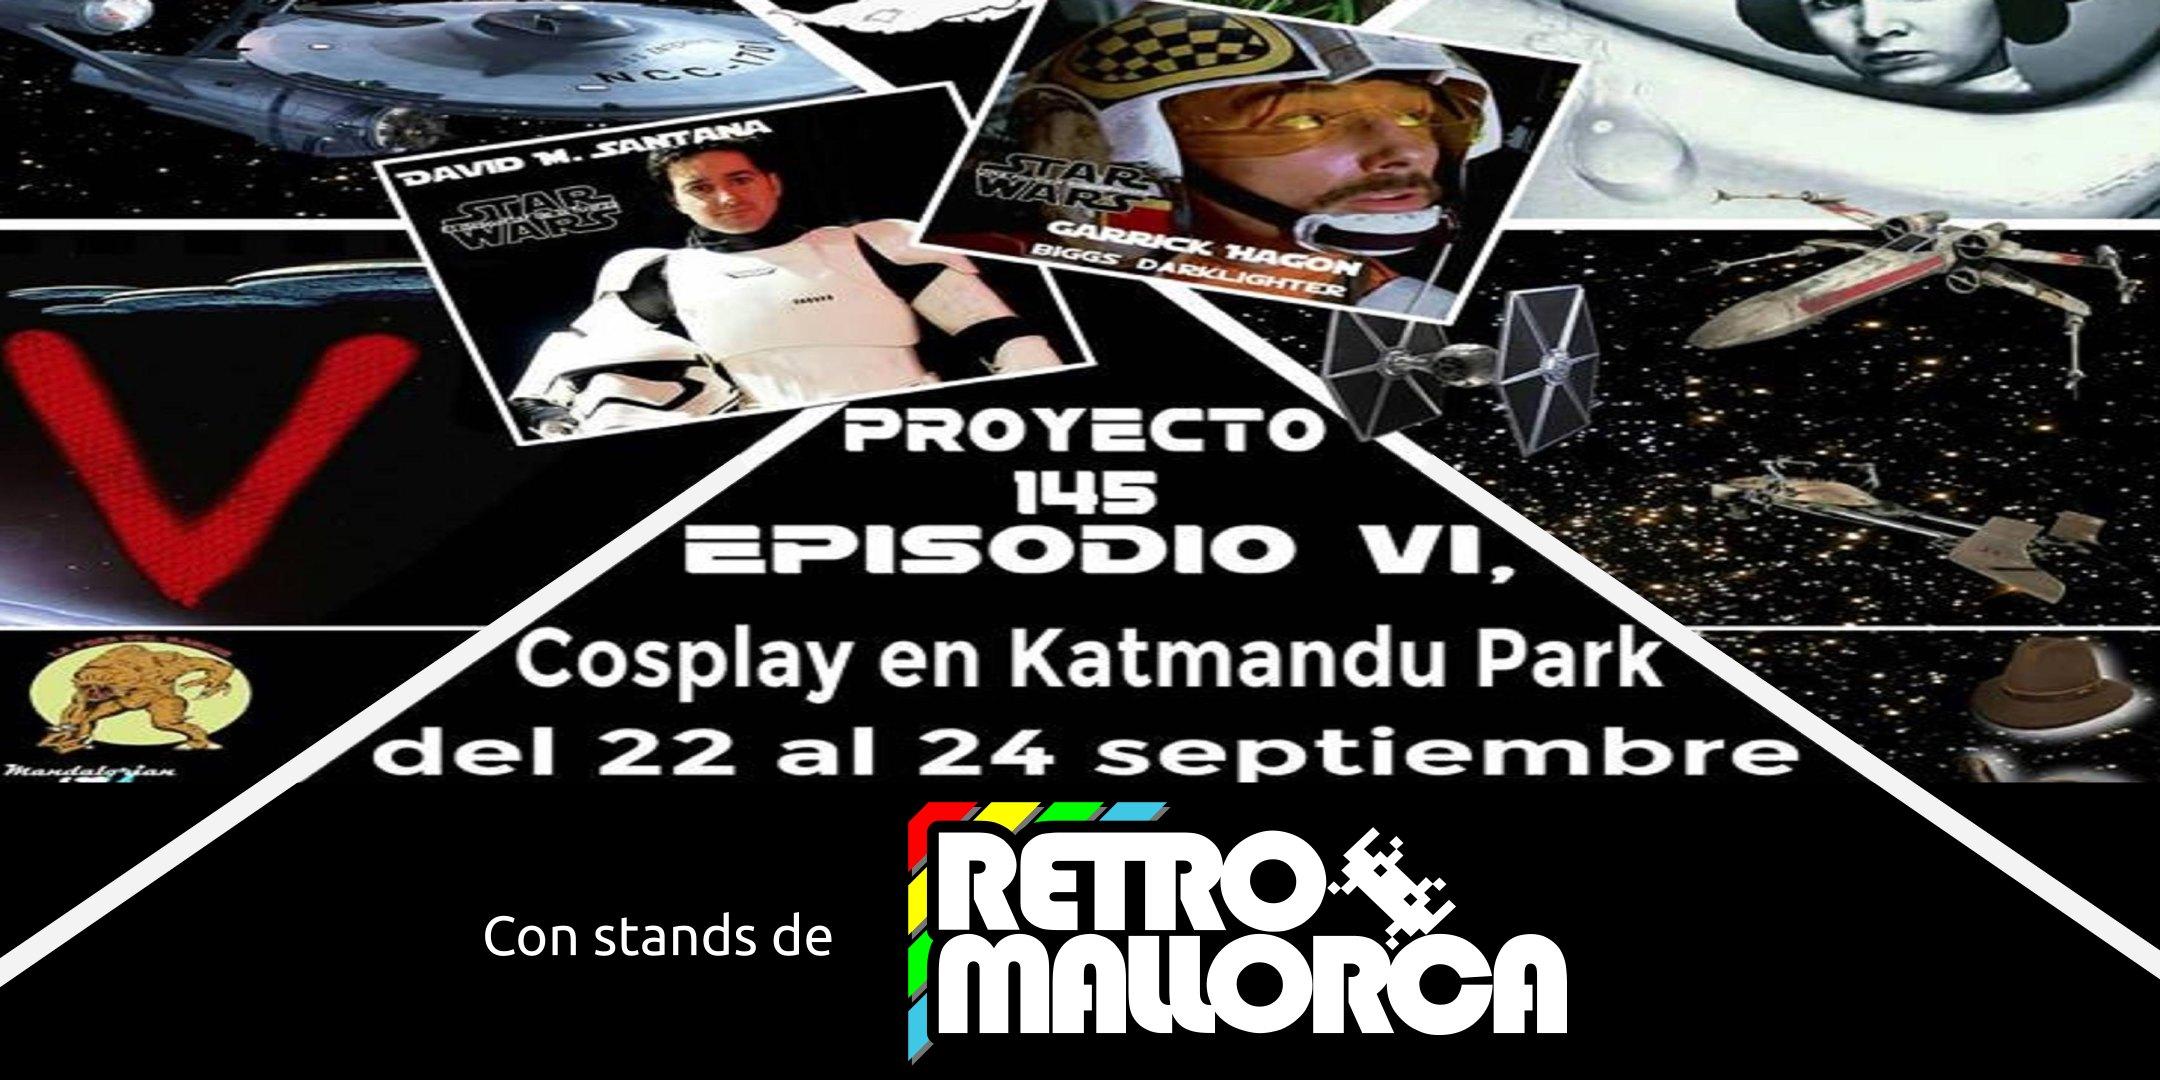 retromallorca-aacf-proyecto-145-vi